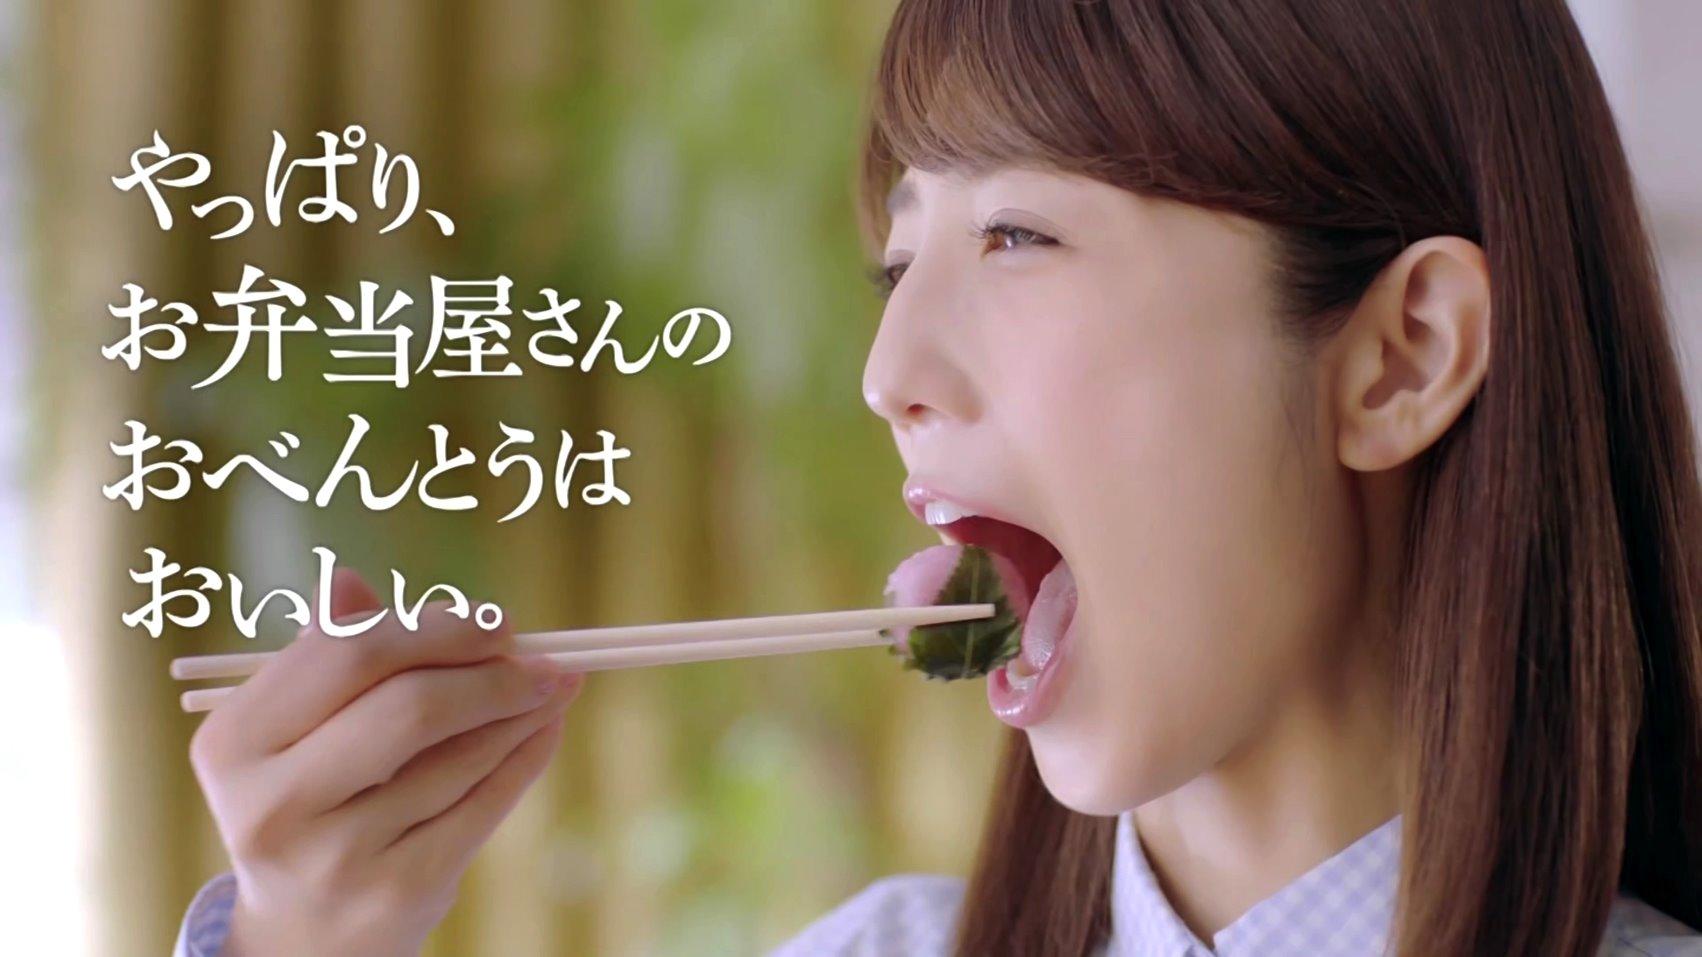 小倉優子の食事舌2 (1)